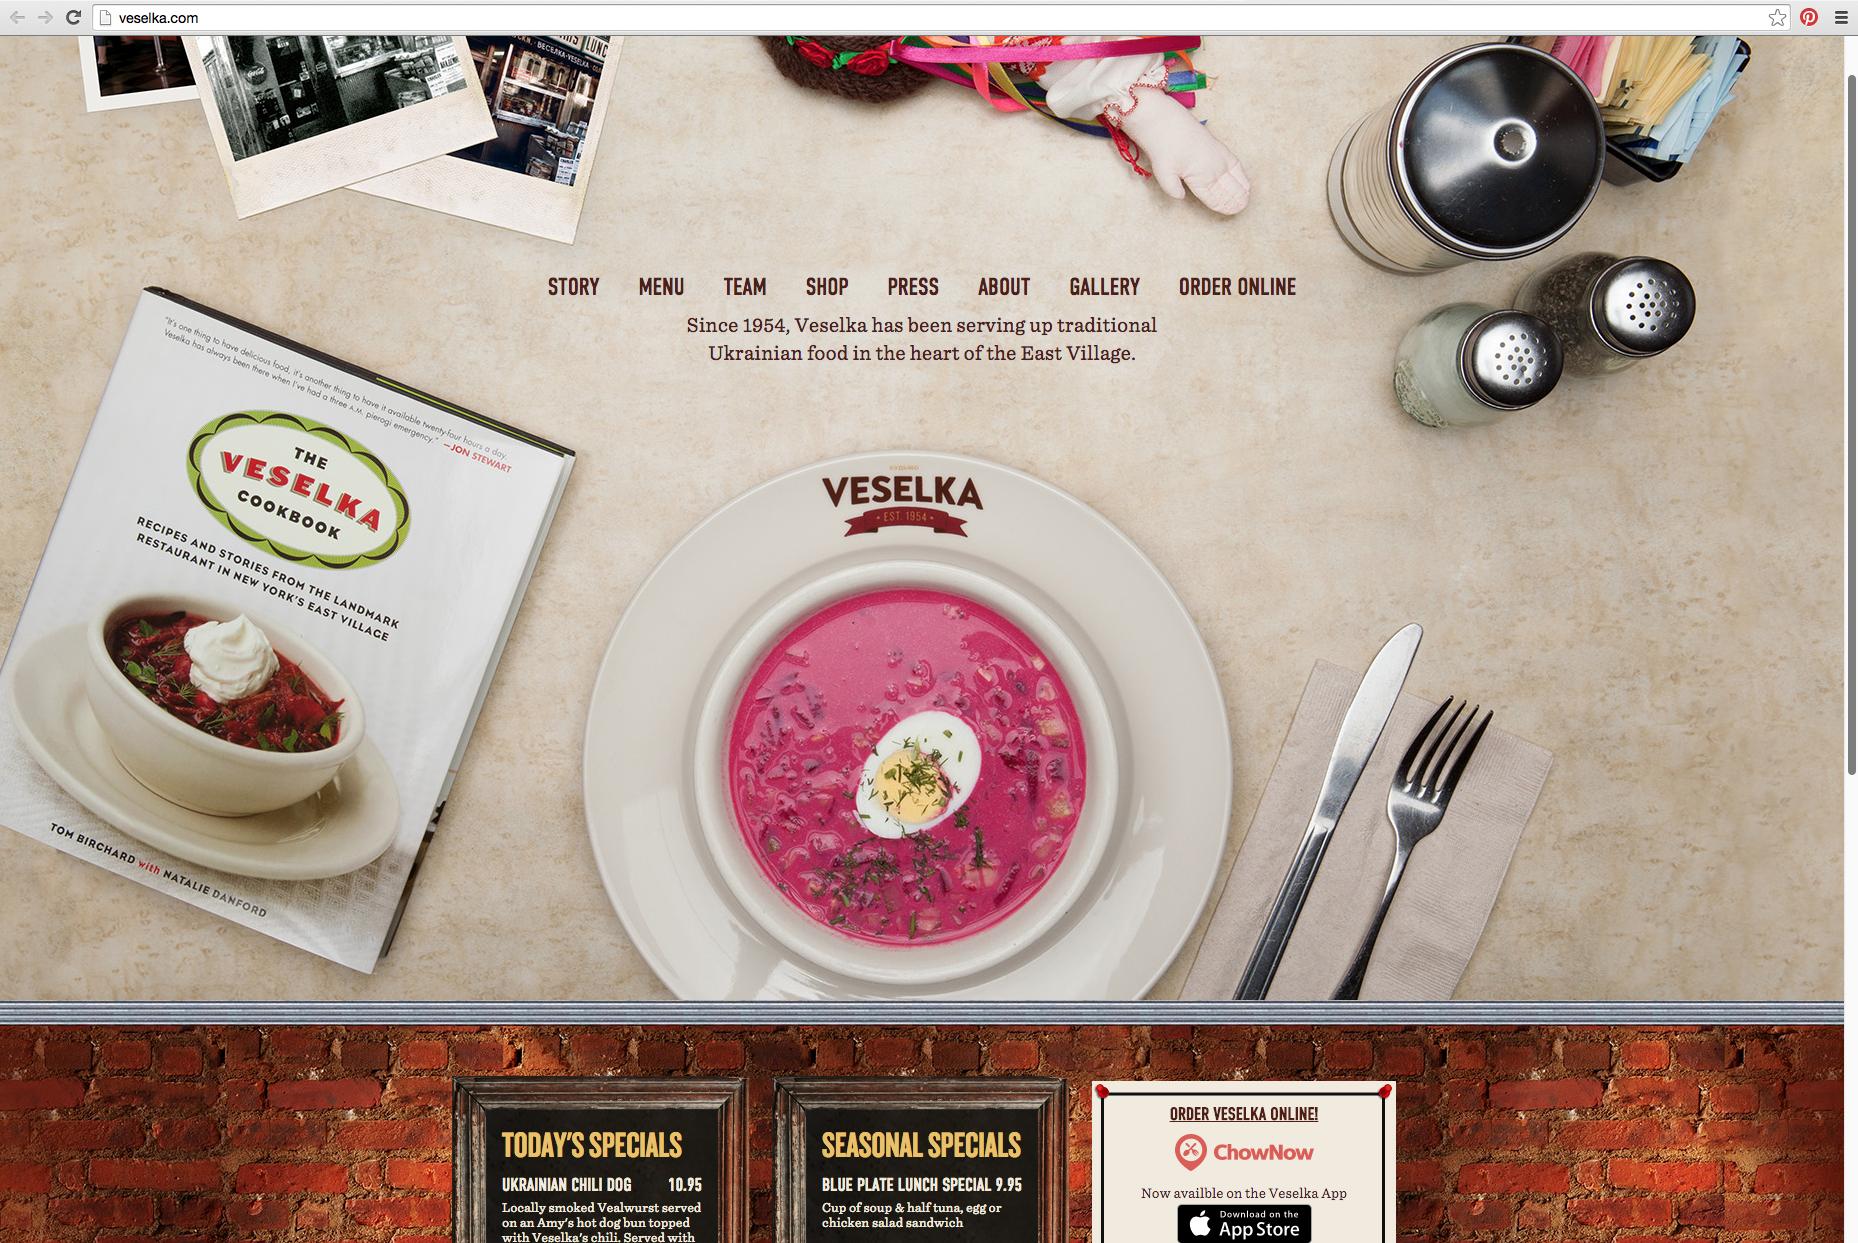 Veselka.com